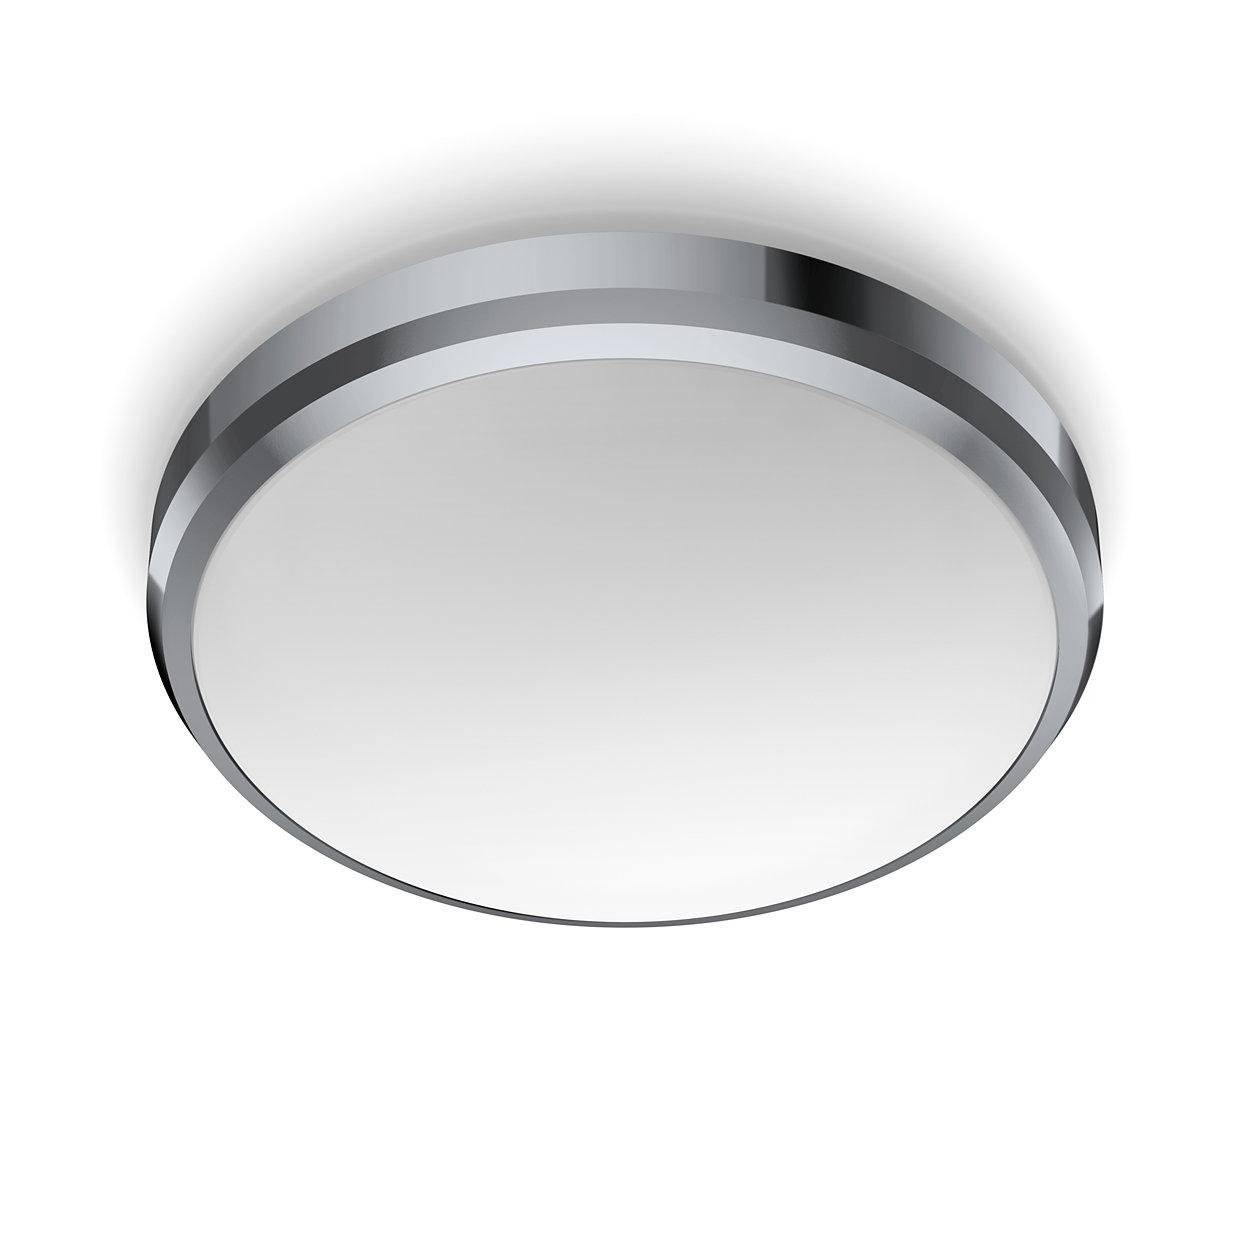 Un éclairage LED confortable pour vos yeux